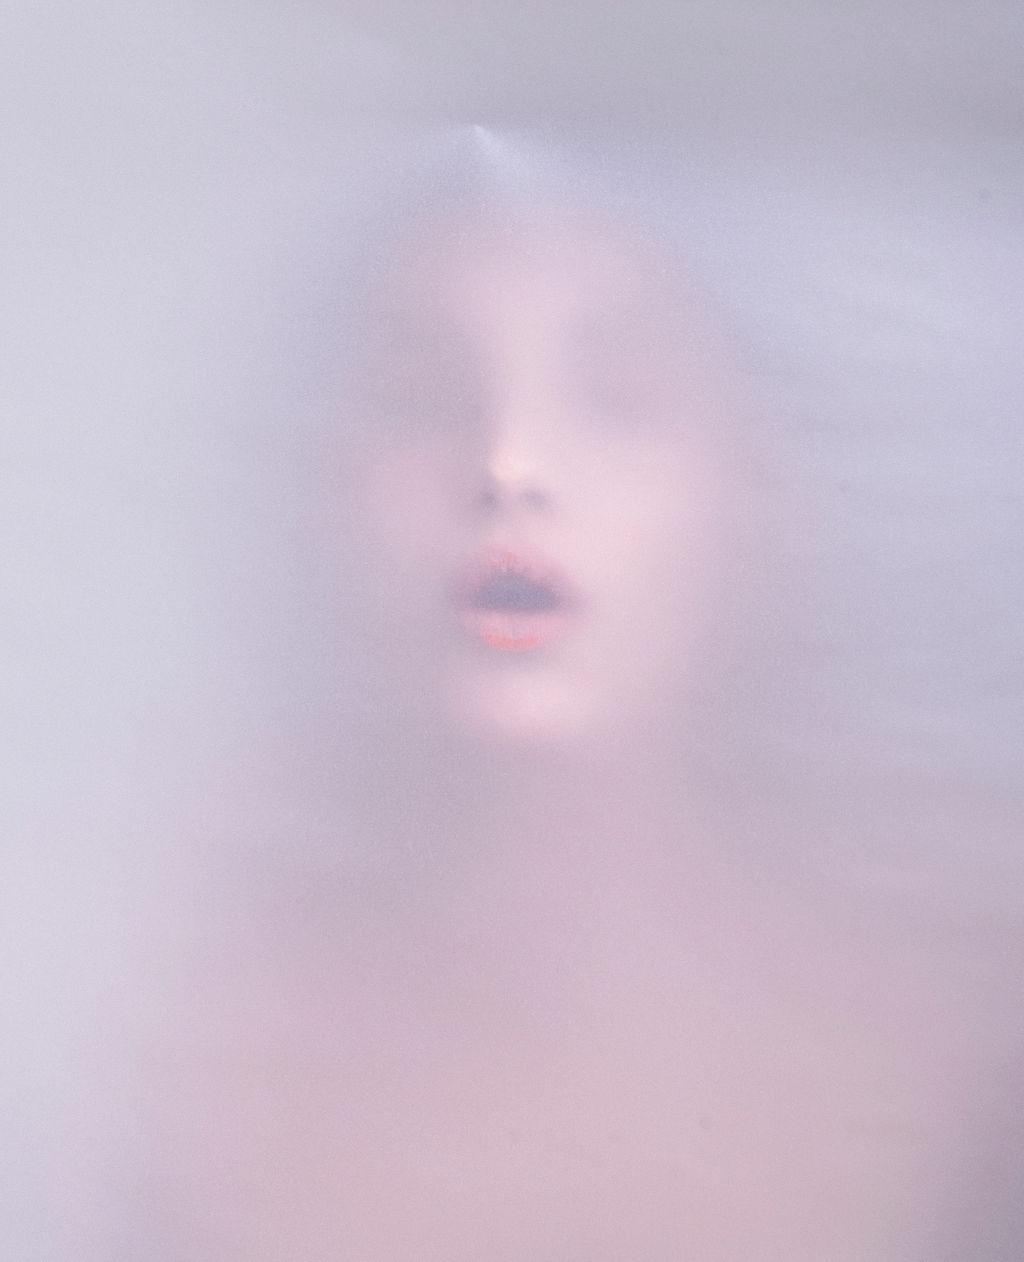 Fashioneditophotoshoot-Sixtineshowroom_MaisonSabbenNice-EmmanuelleMartyphotography-2